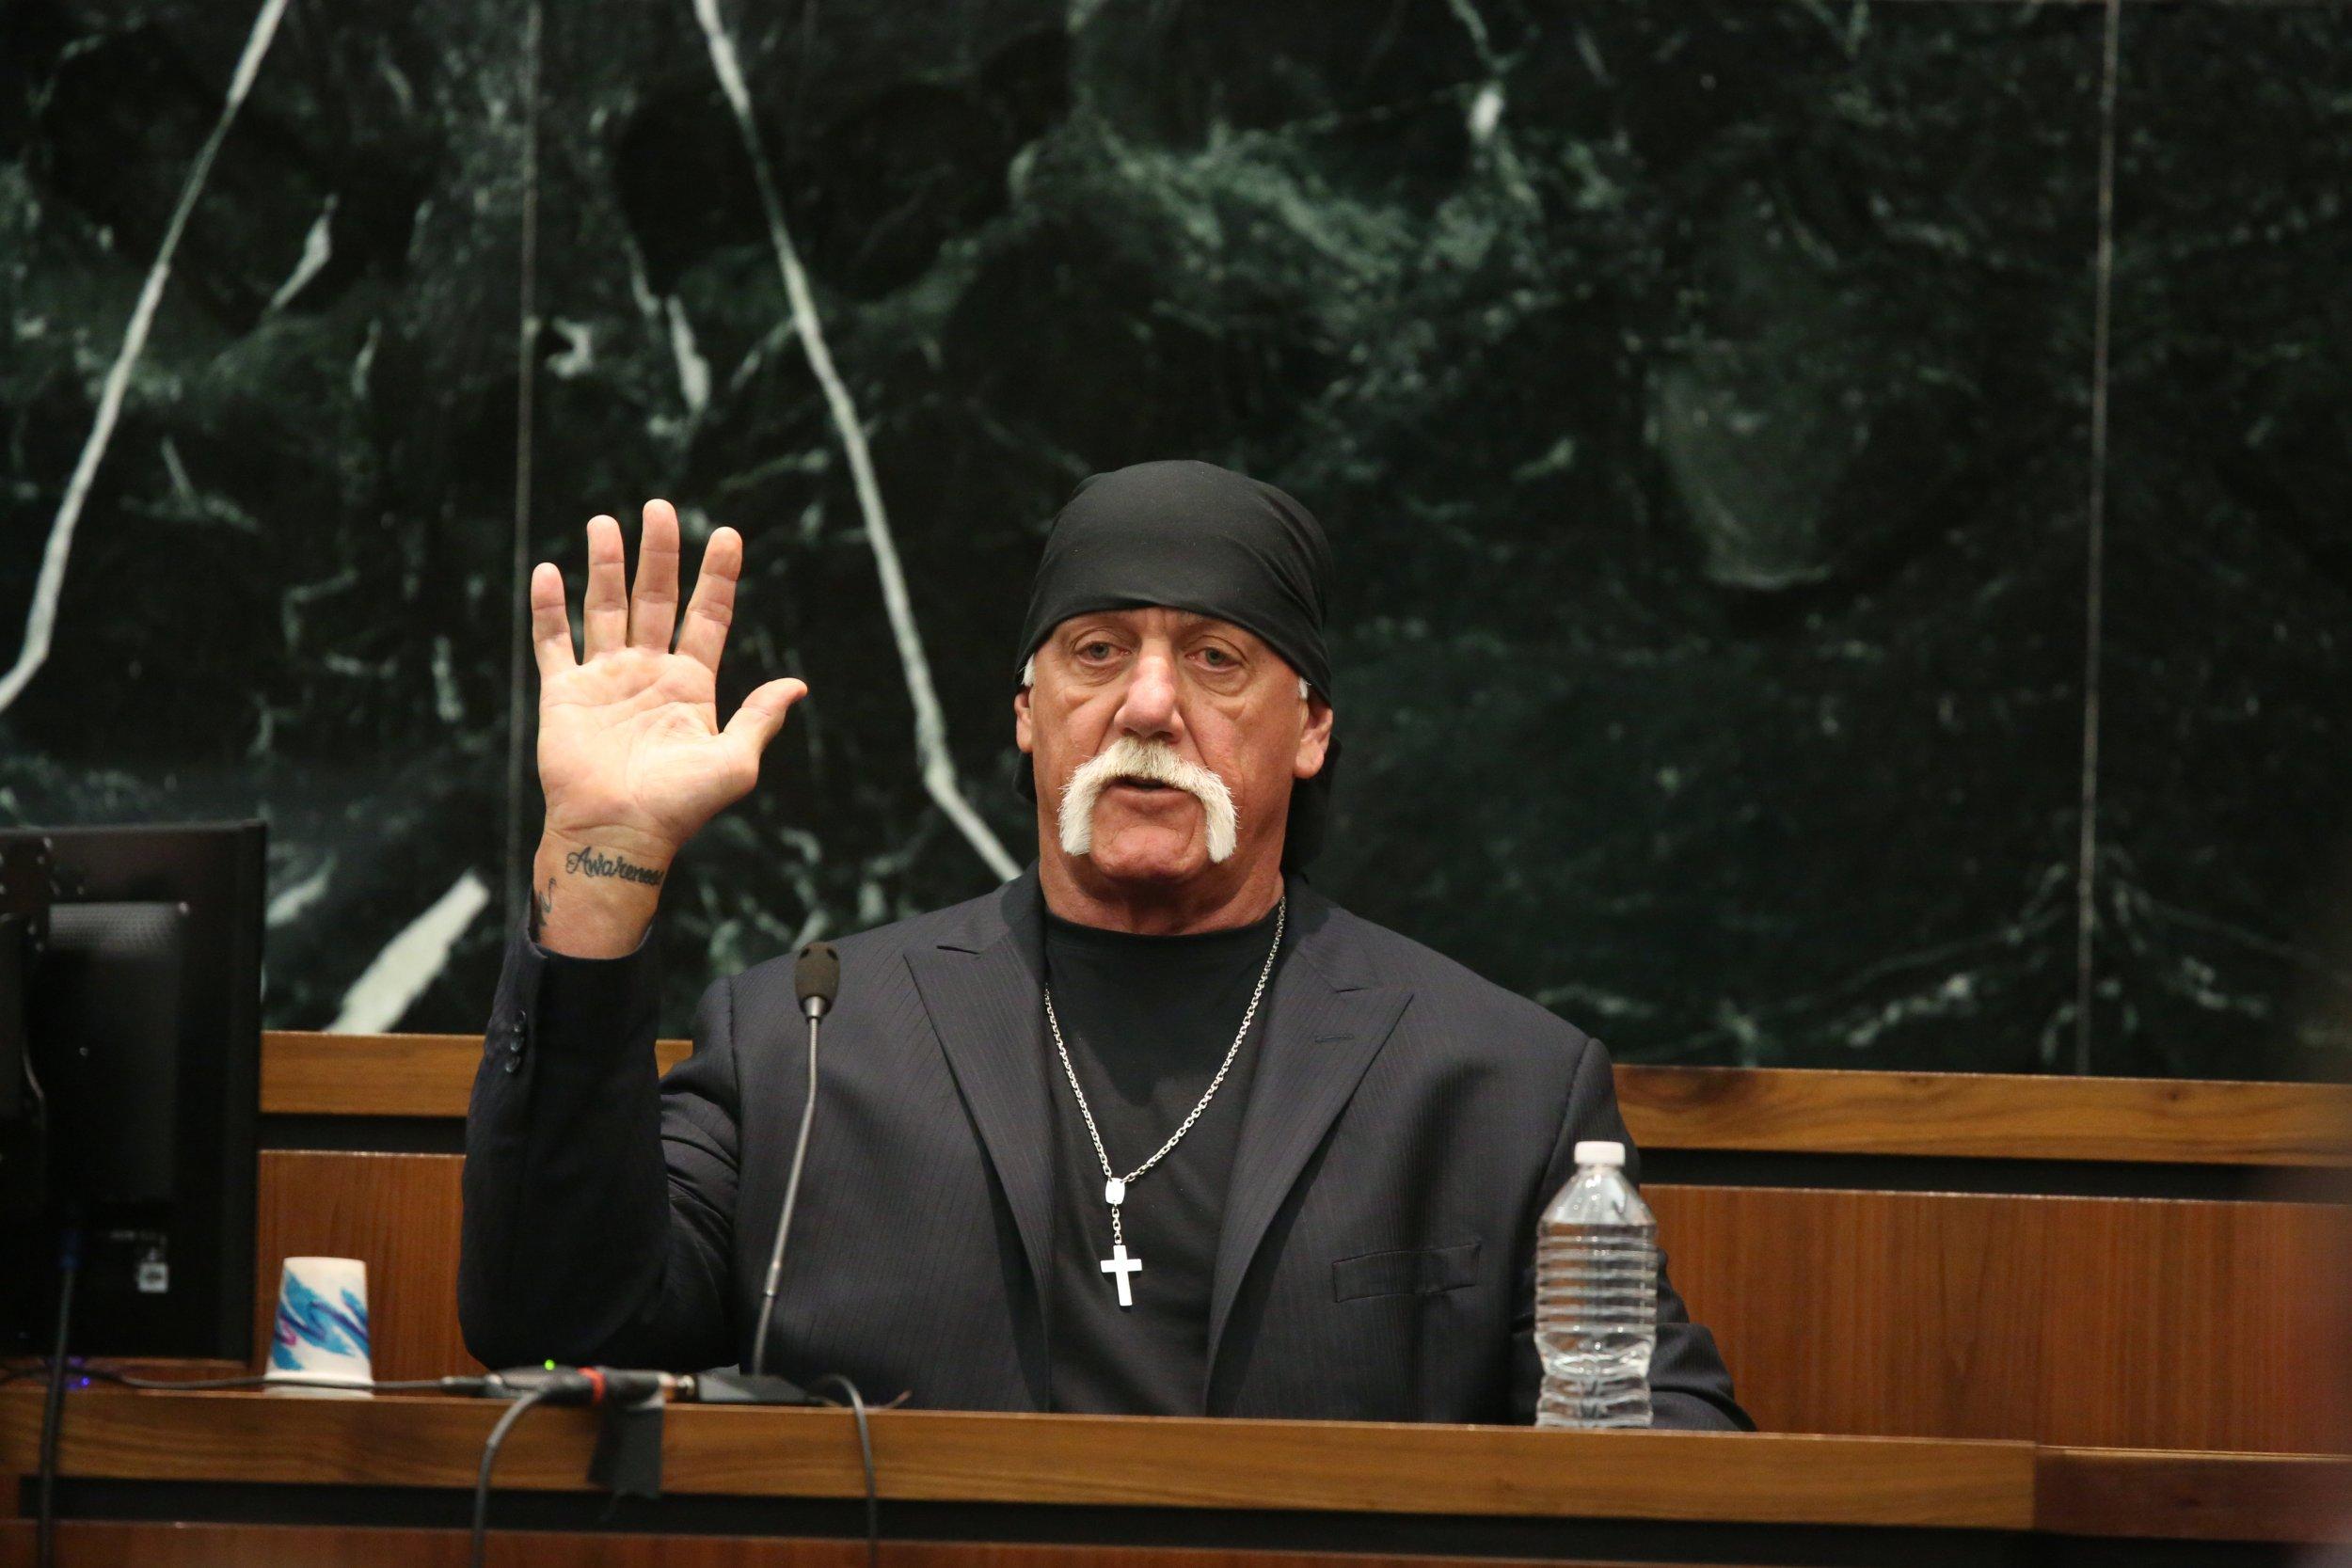 Hulk Hogan in court versus Gawker